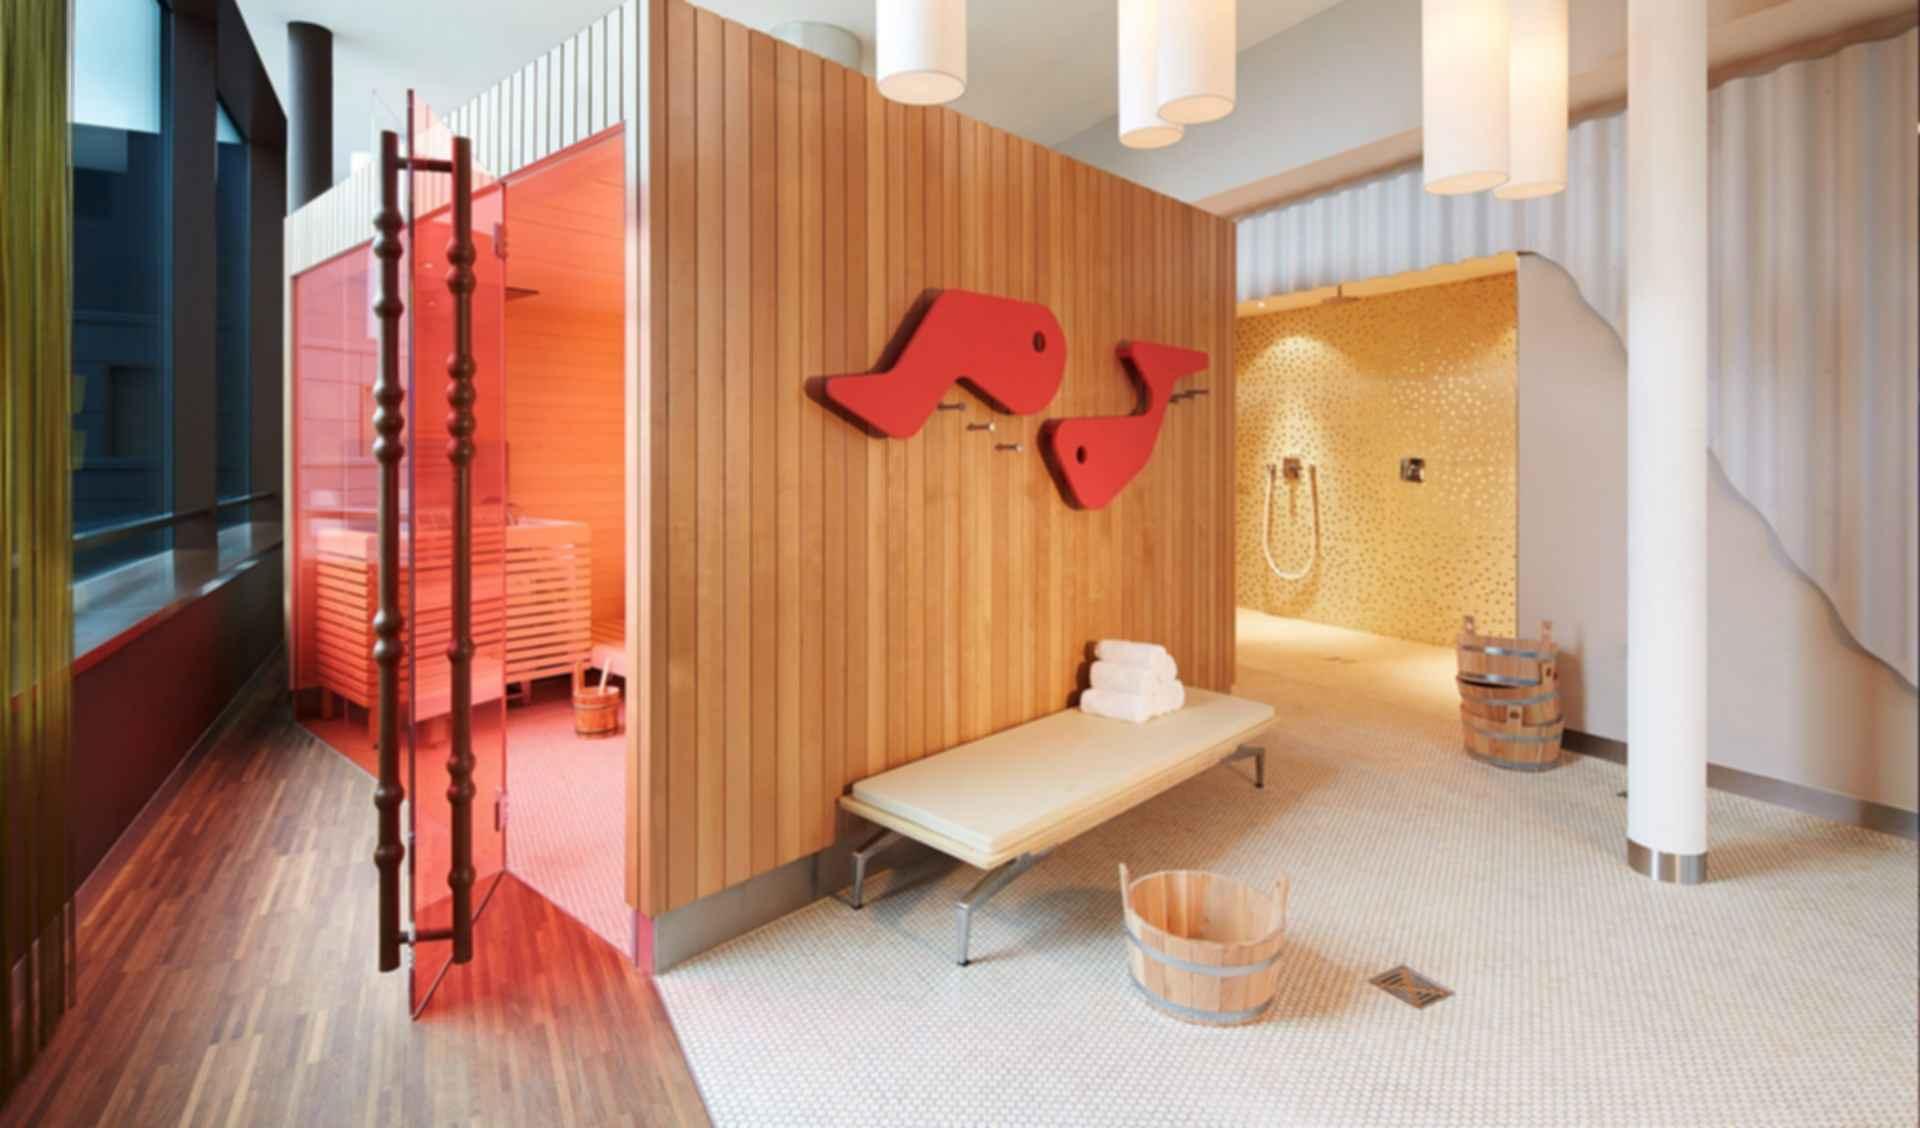 25hours Hotel Zurich West - Bathroom